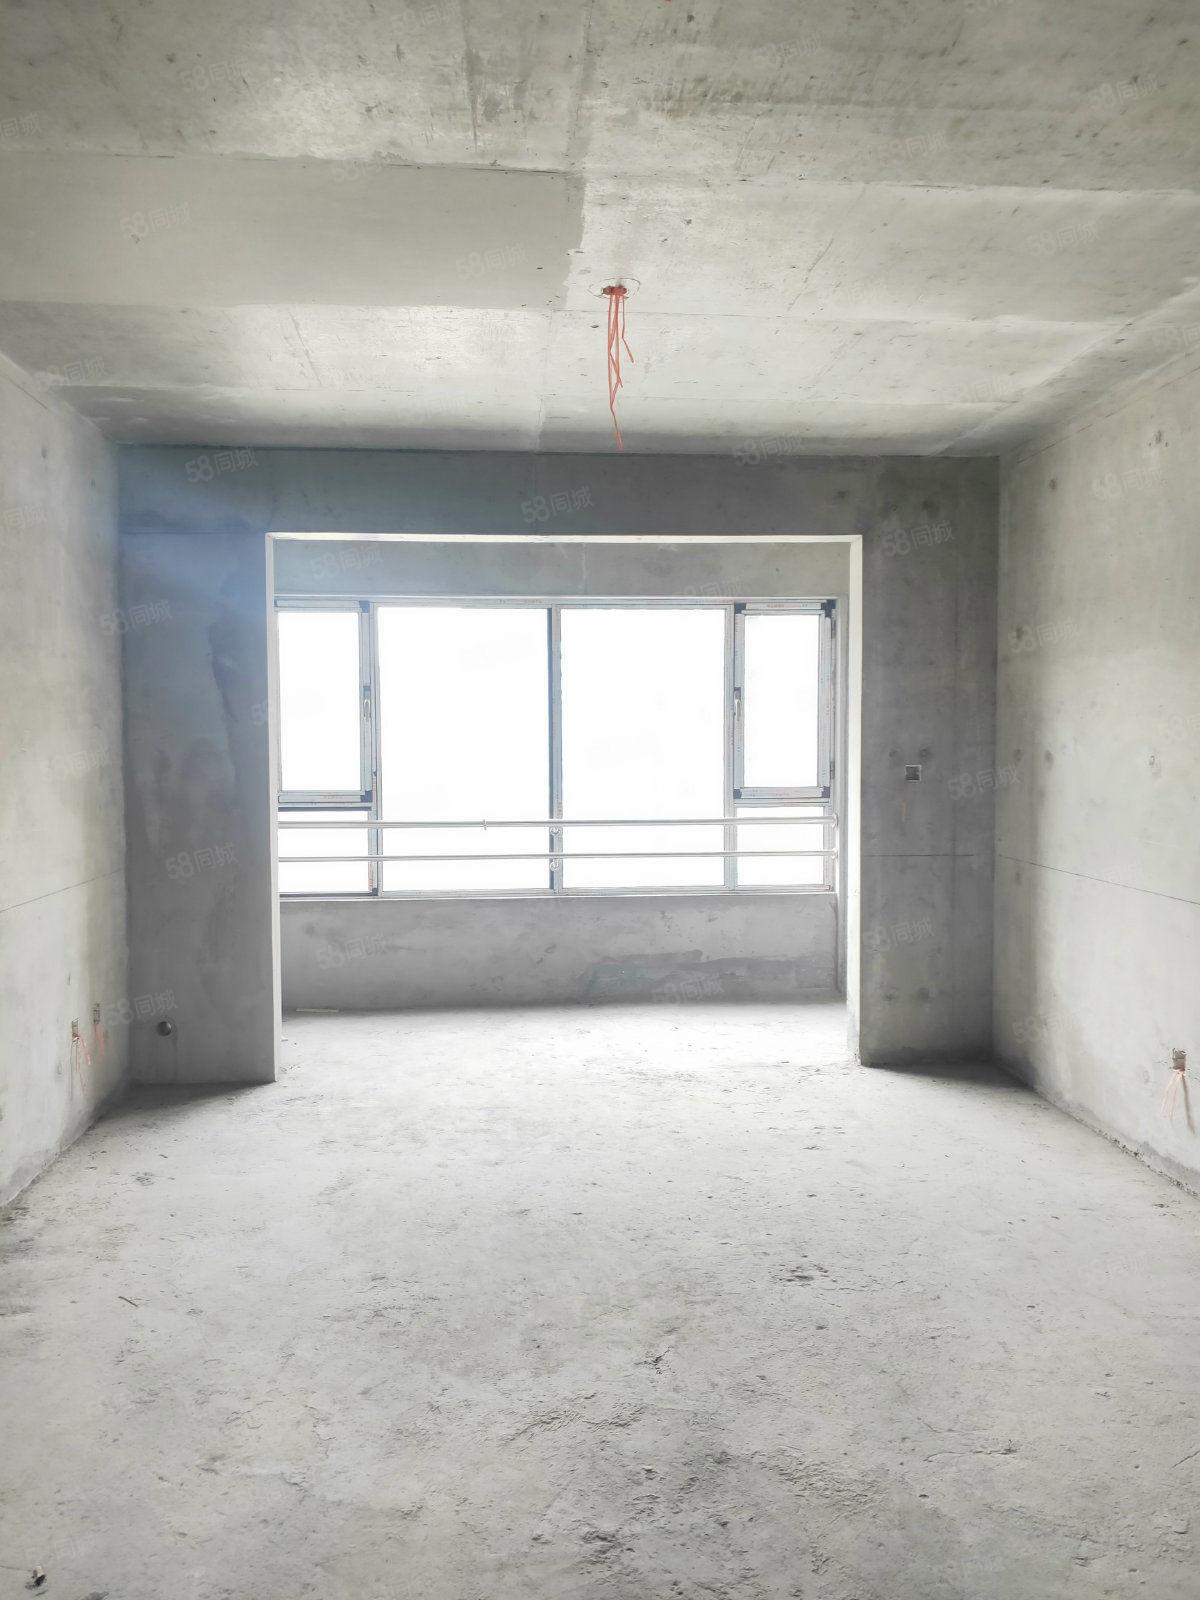 易旺居房產建邦學府苑三室毛坯更名房源好樓層